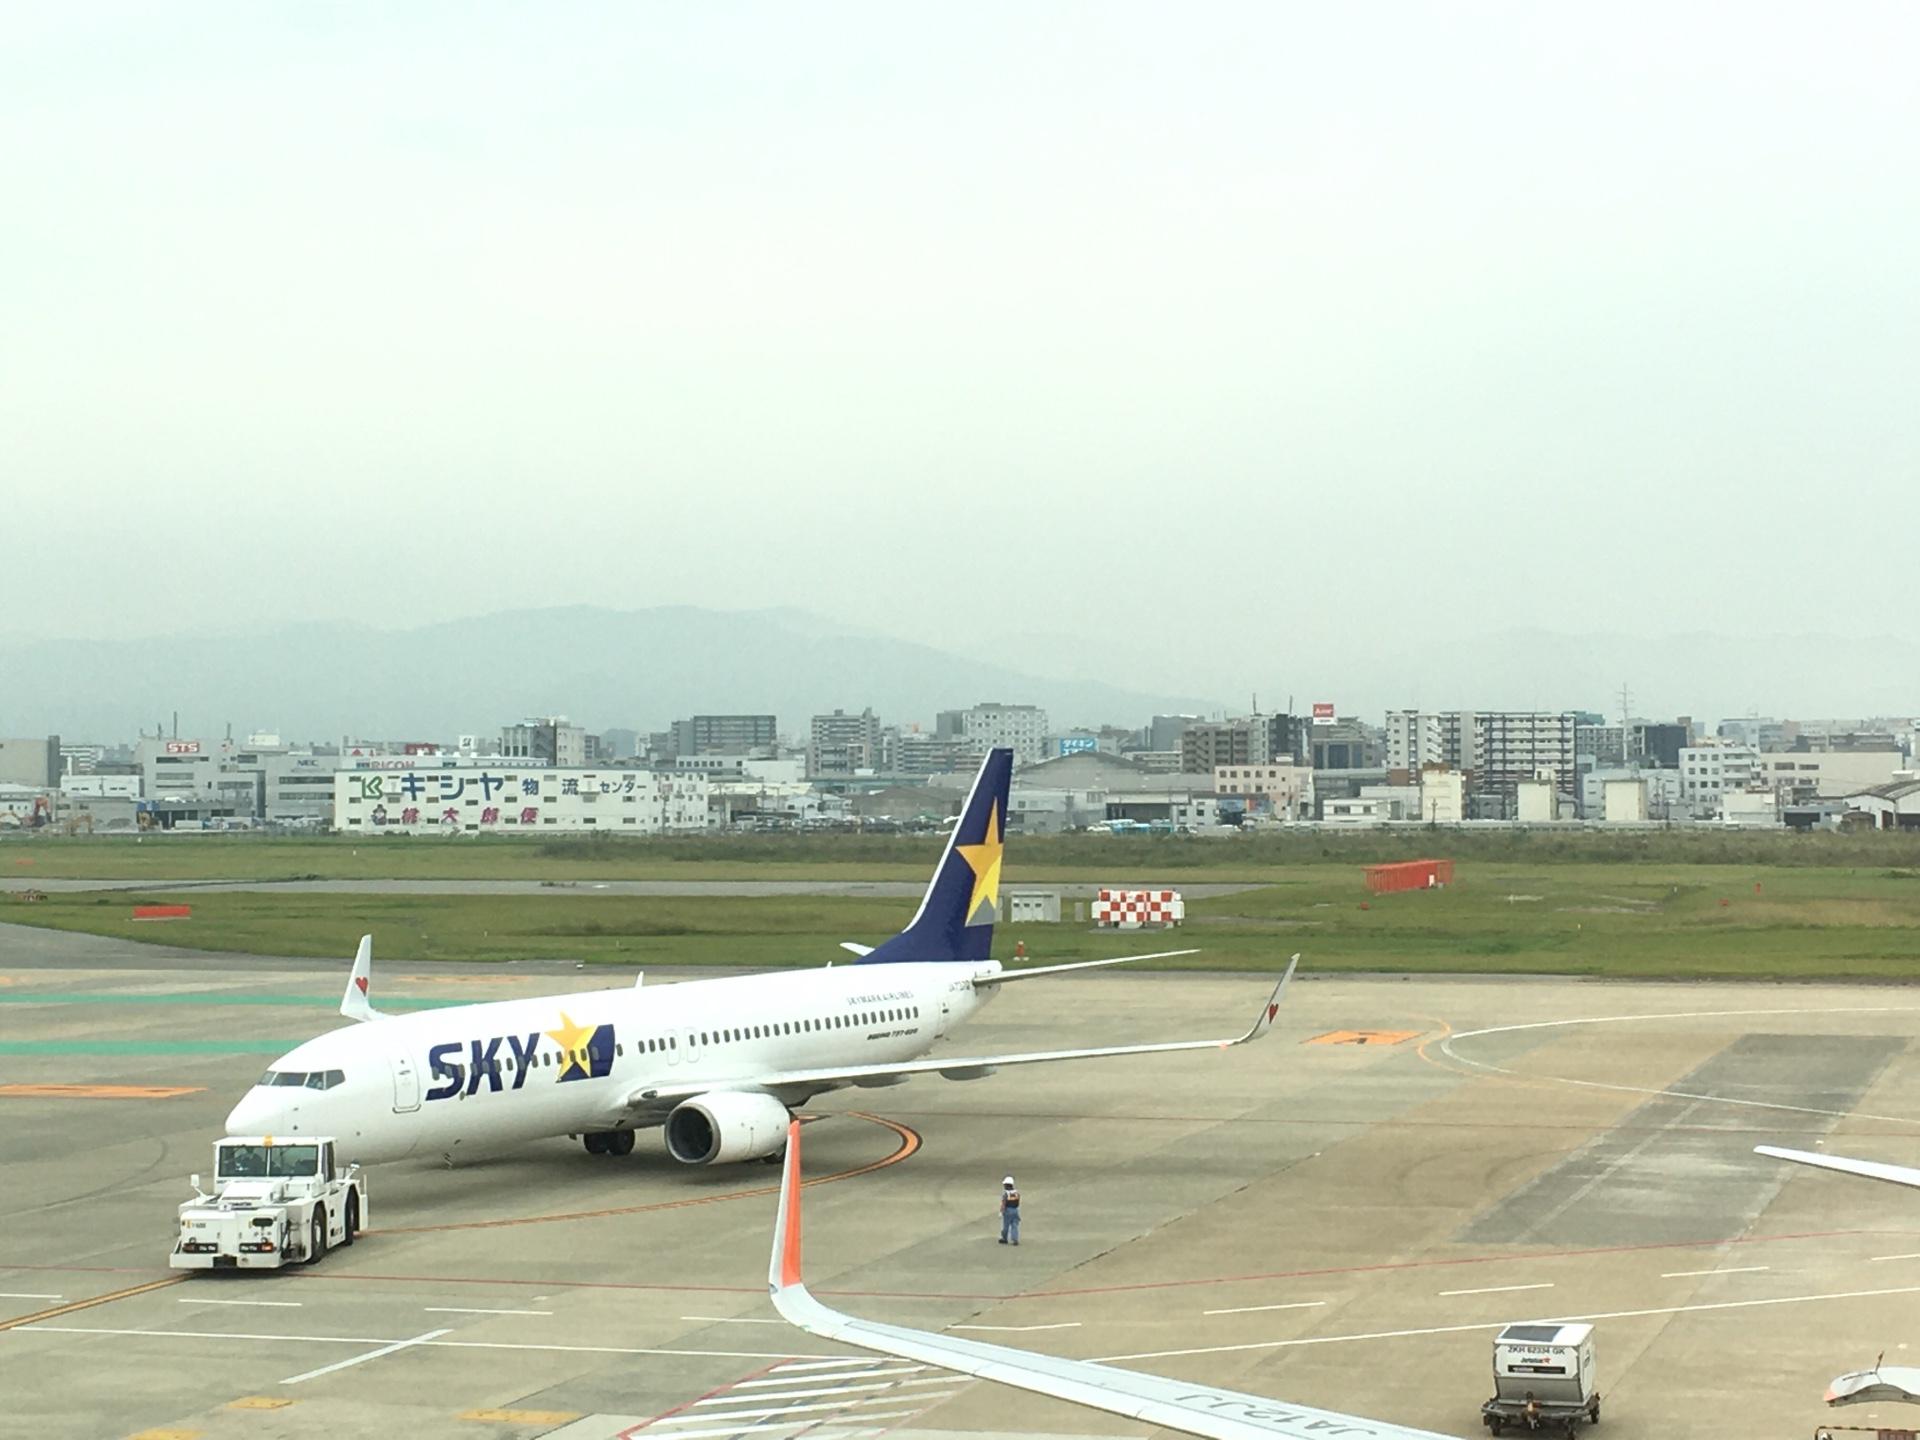 福岡空港の利便性は最高!! 福岡市民が羨ましくなる